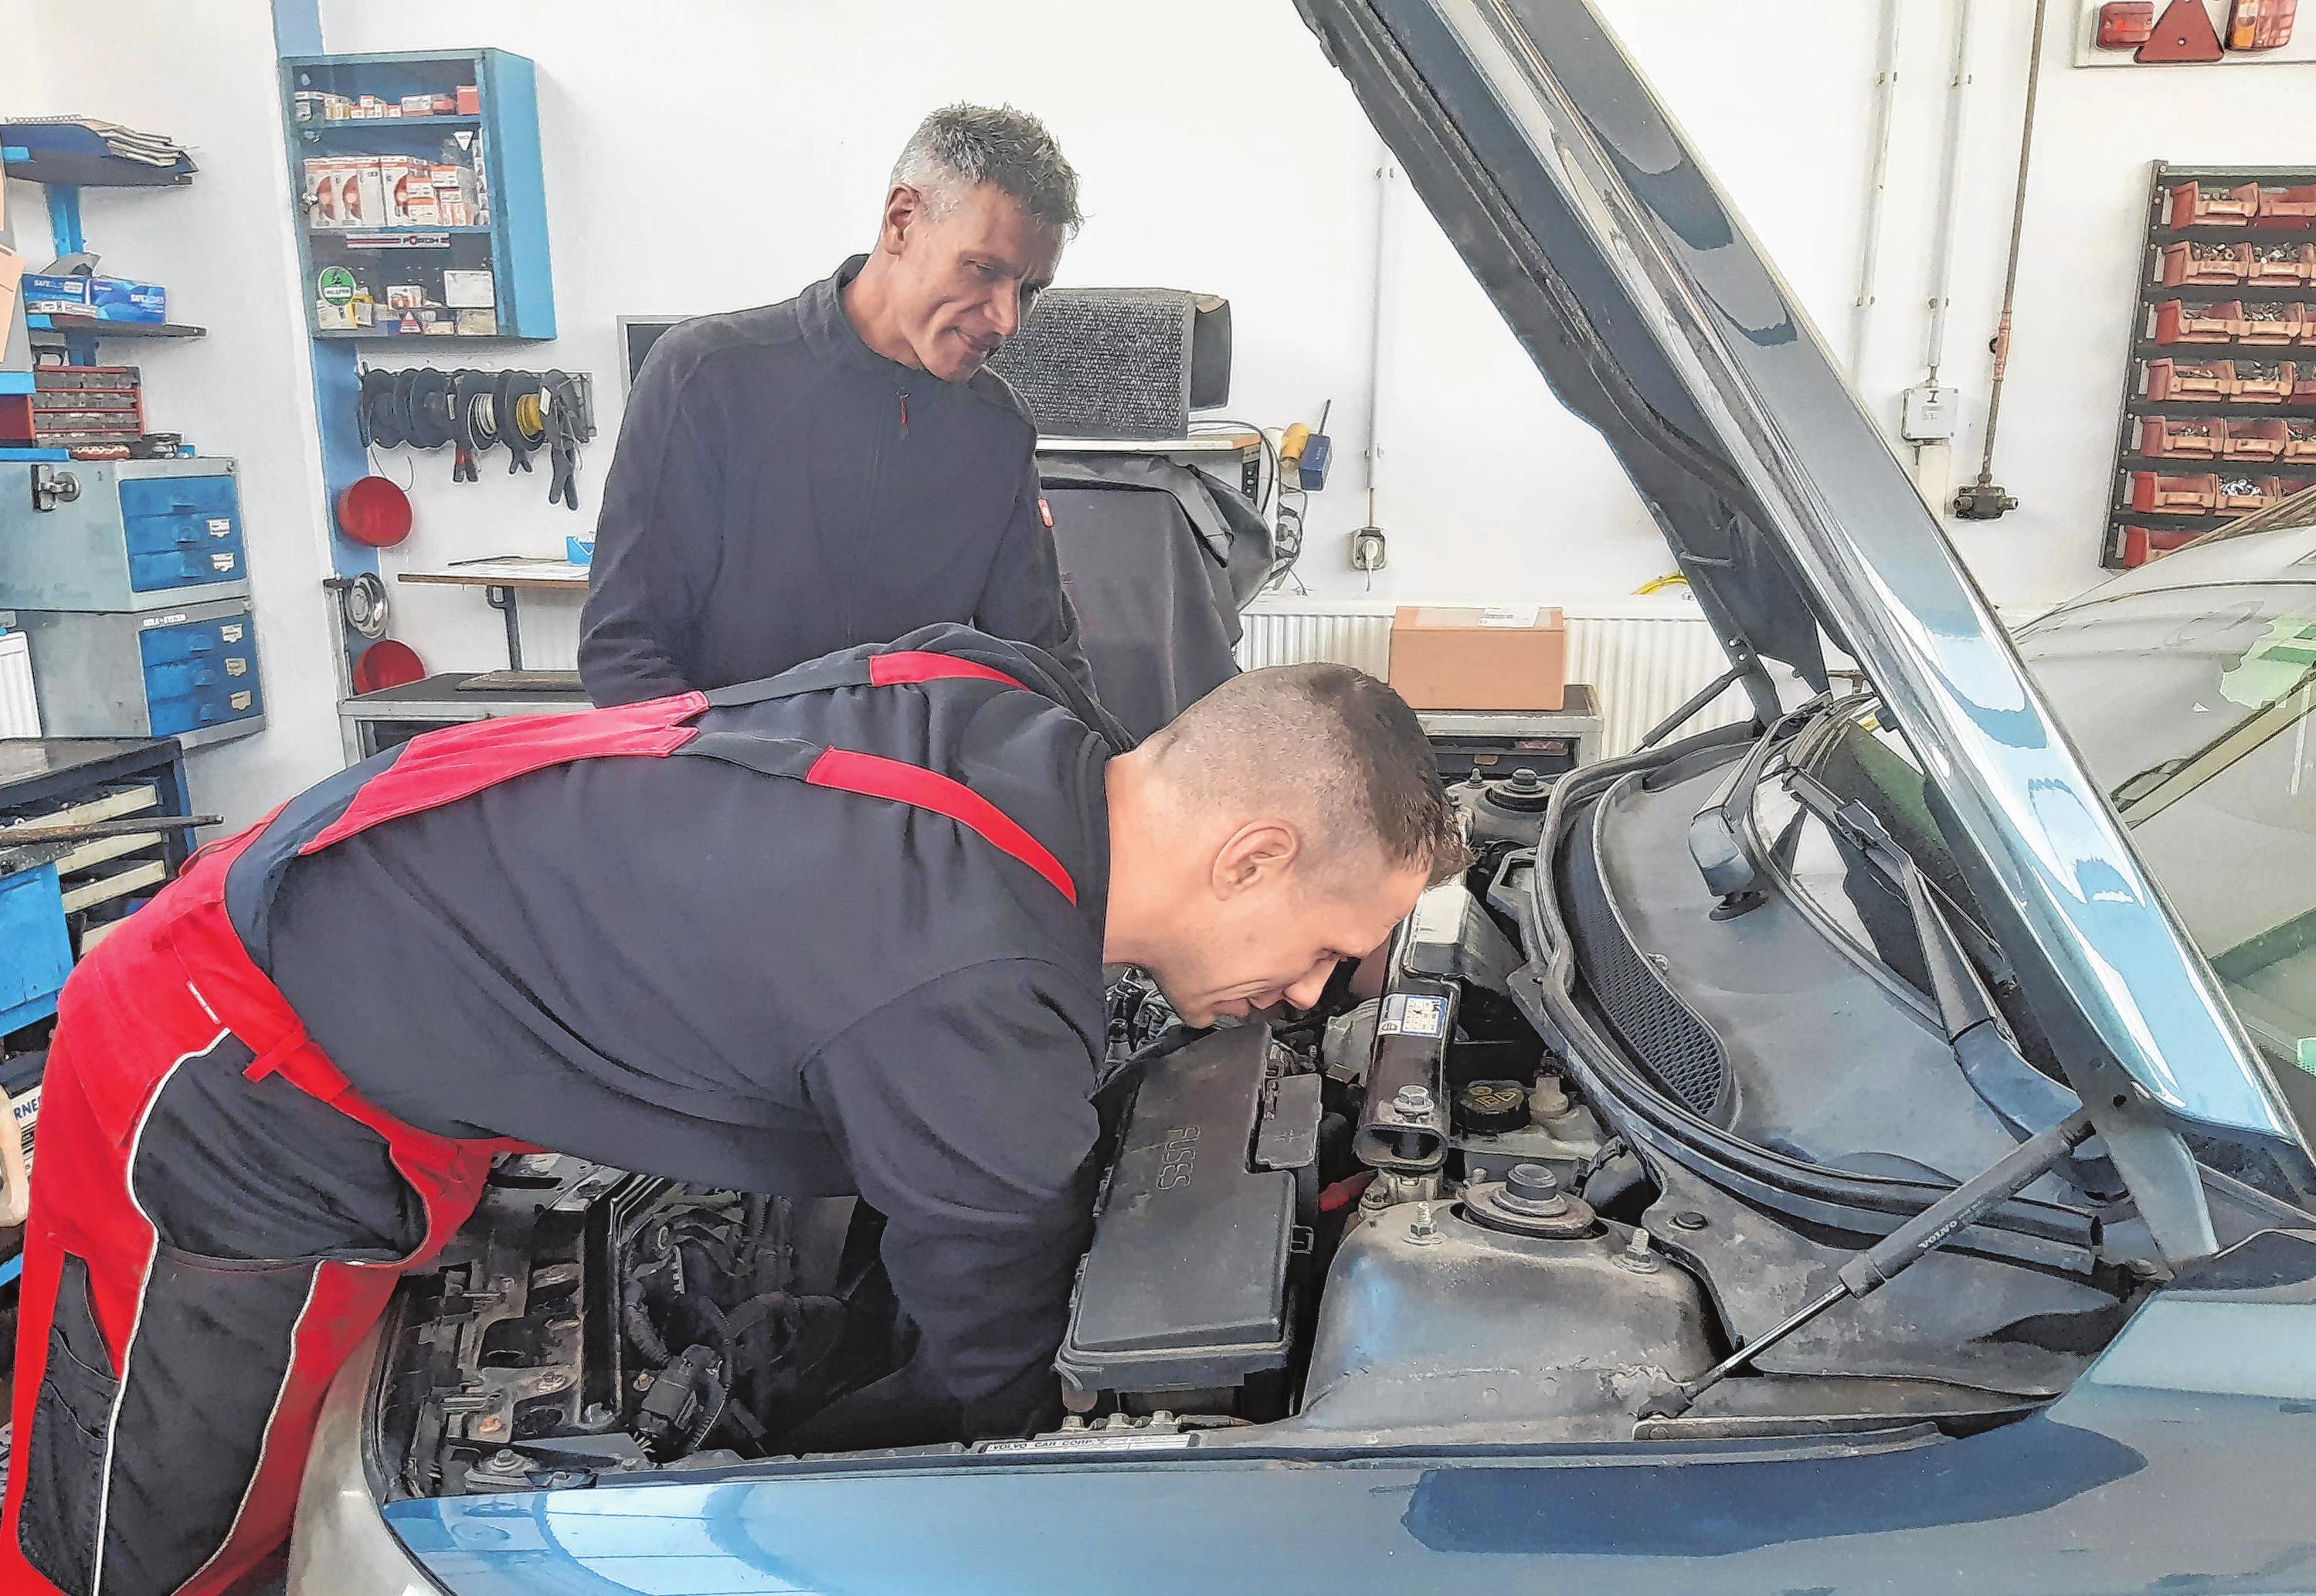 Gemeinsamer Fahrzeugcheck: Firmenchef Uwe Rätz und Kfz-Meister Christopher Dollase bei der Motorinspektion an einem Auto.